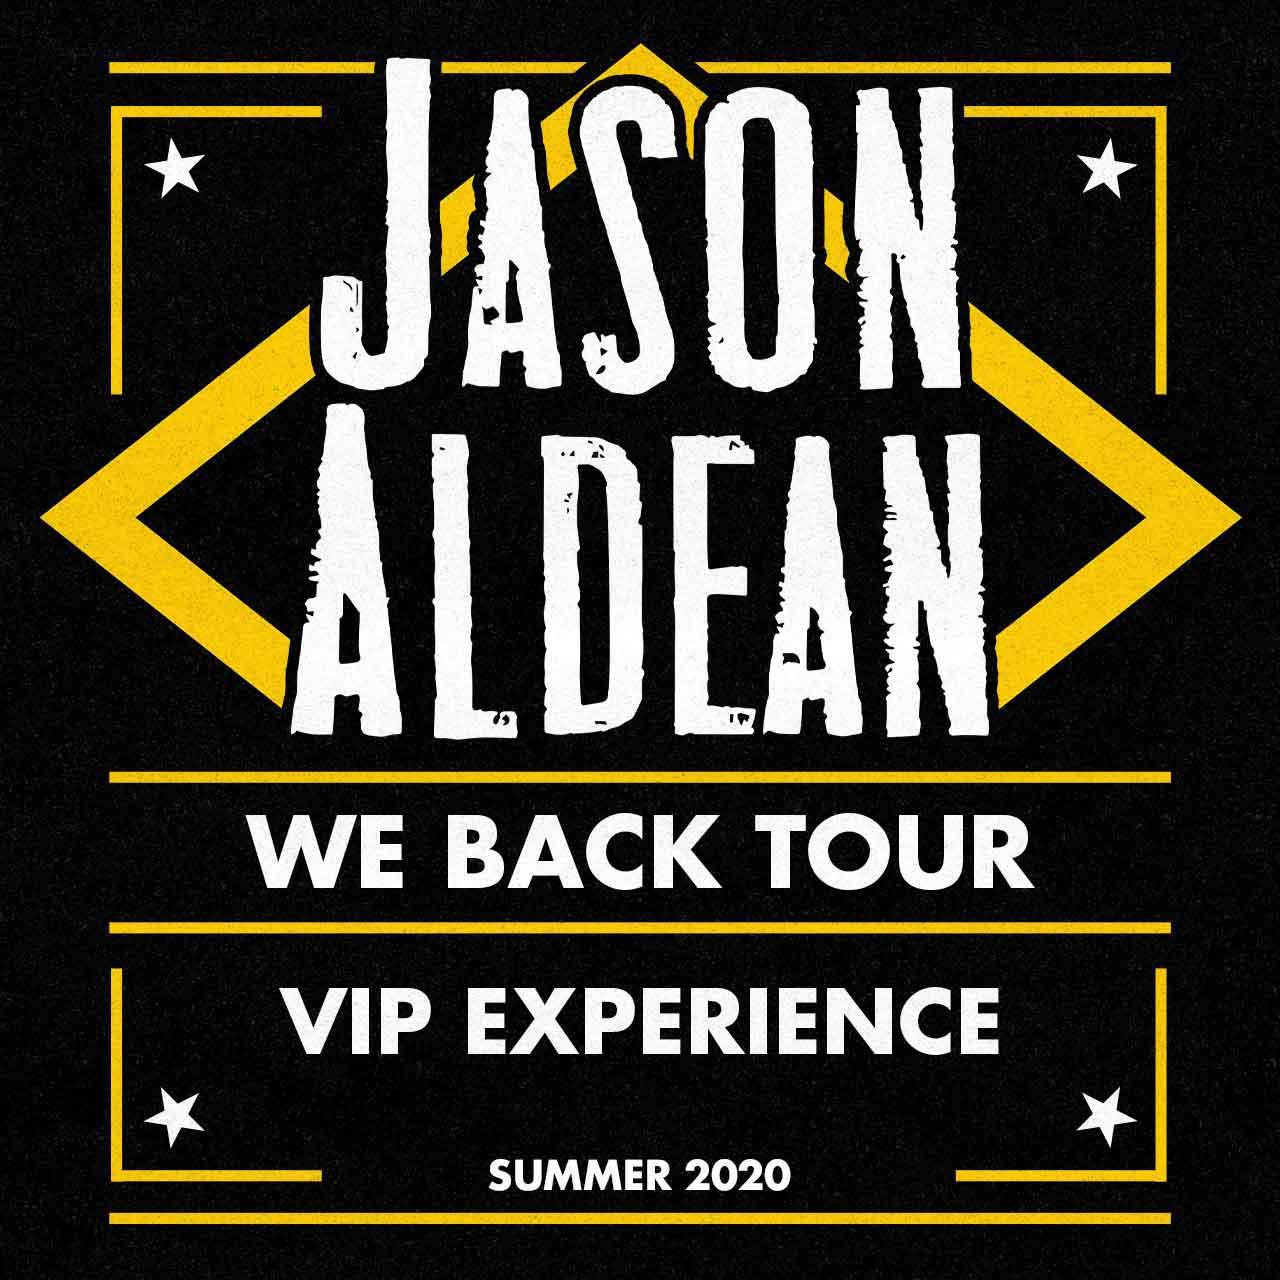 We Back Tour Summer 2020